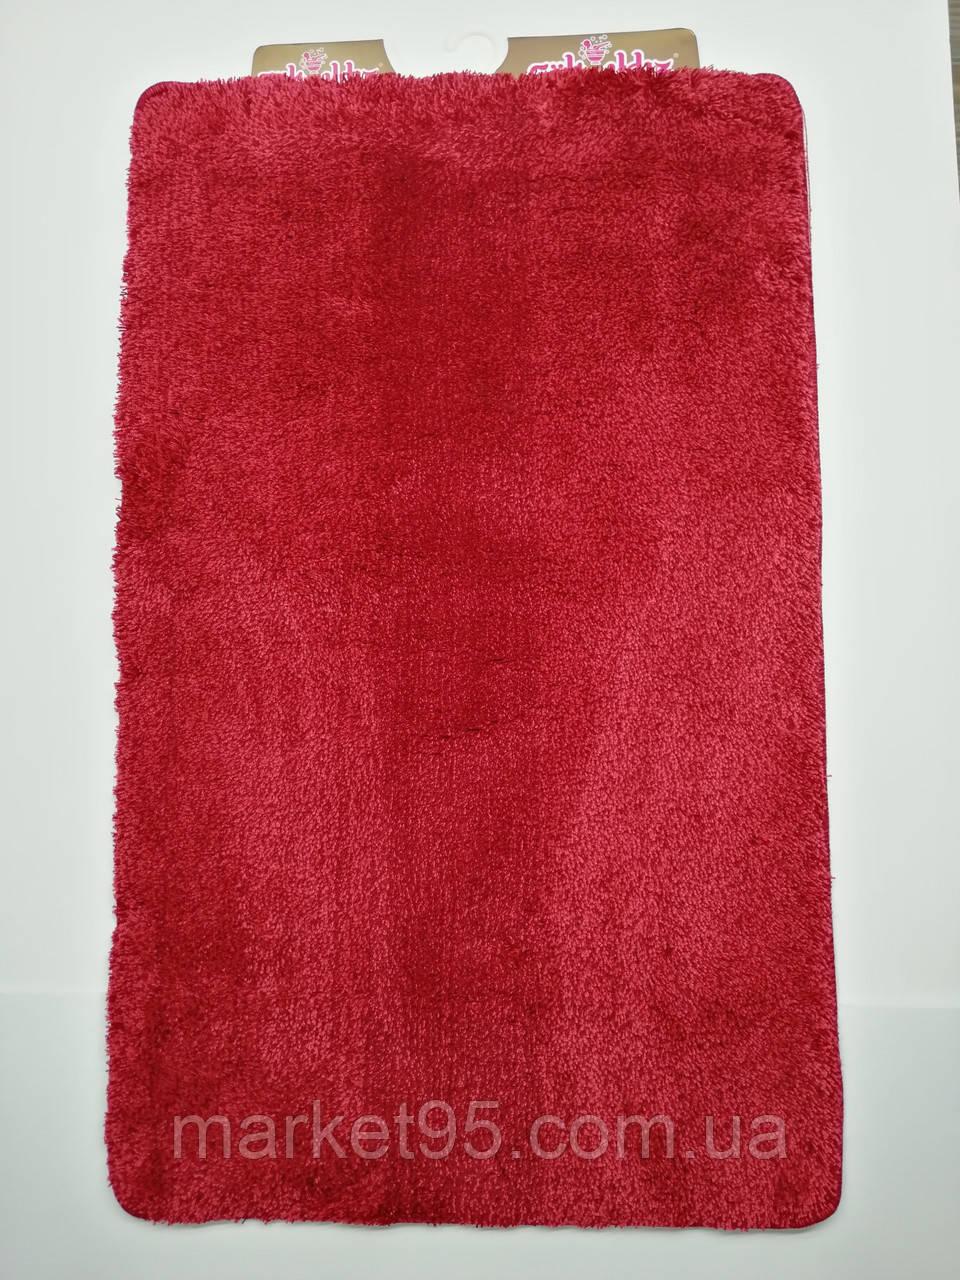 Килимки в ванну і туалет, набір 100*60 Vonaldi червоний